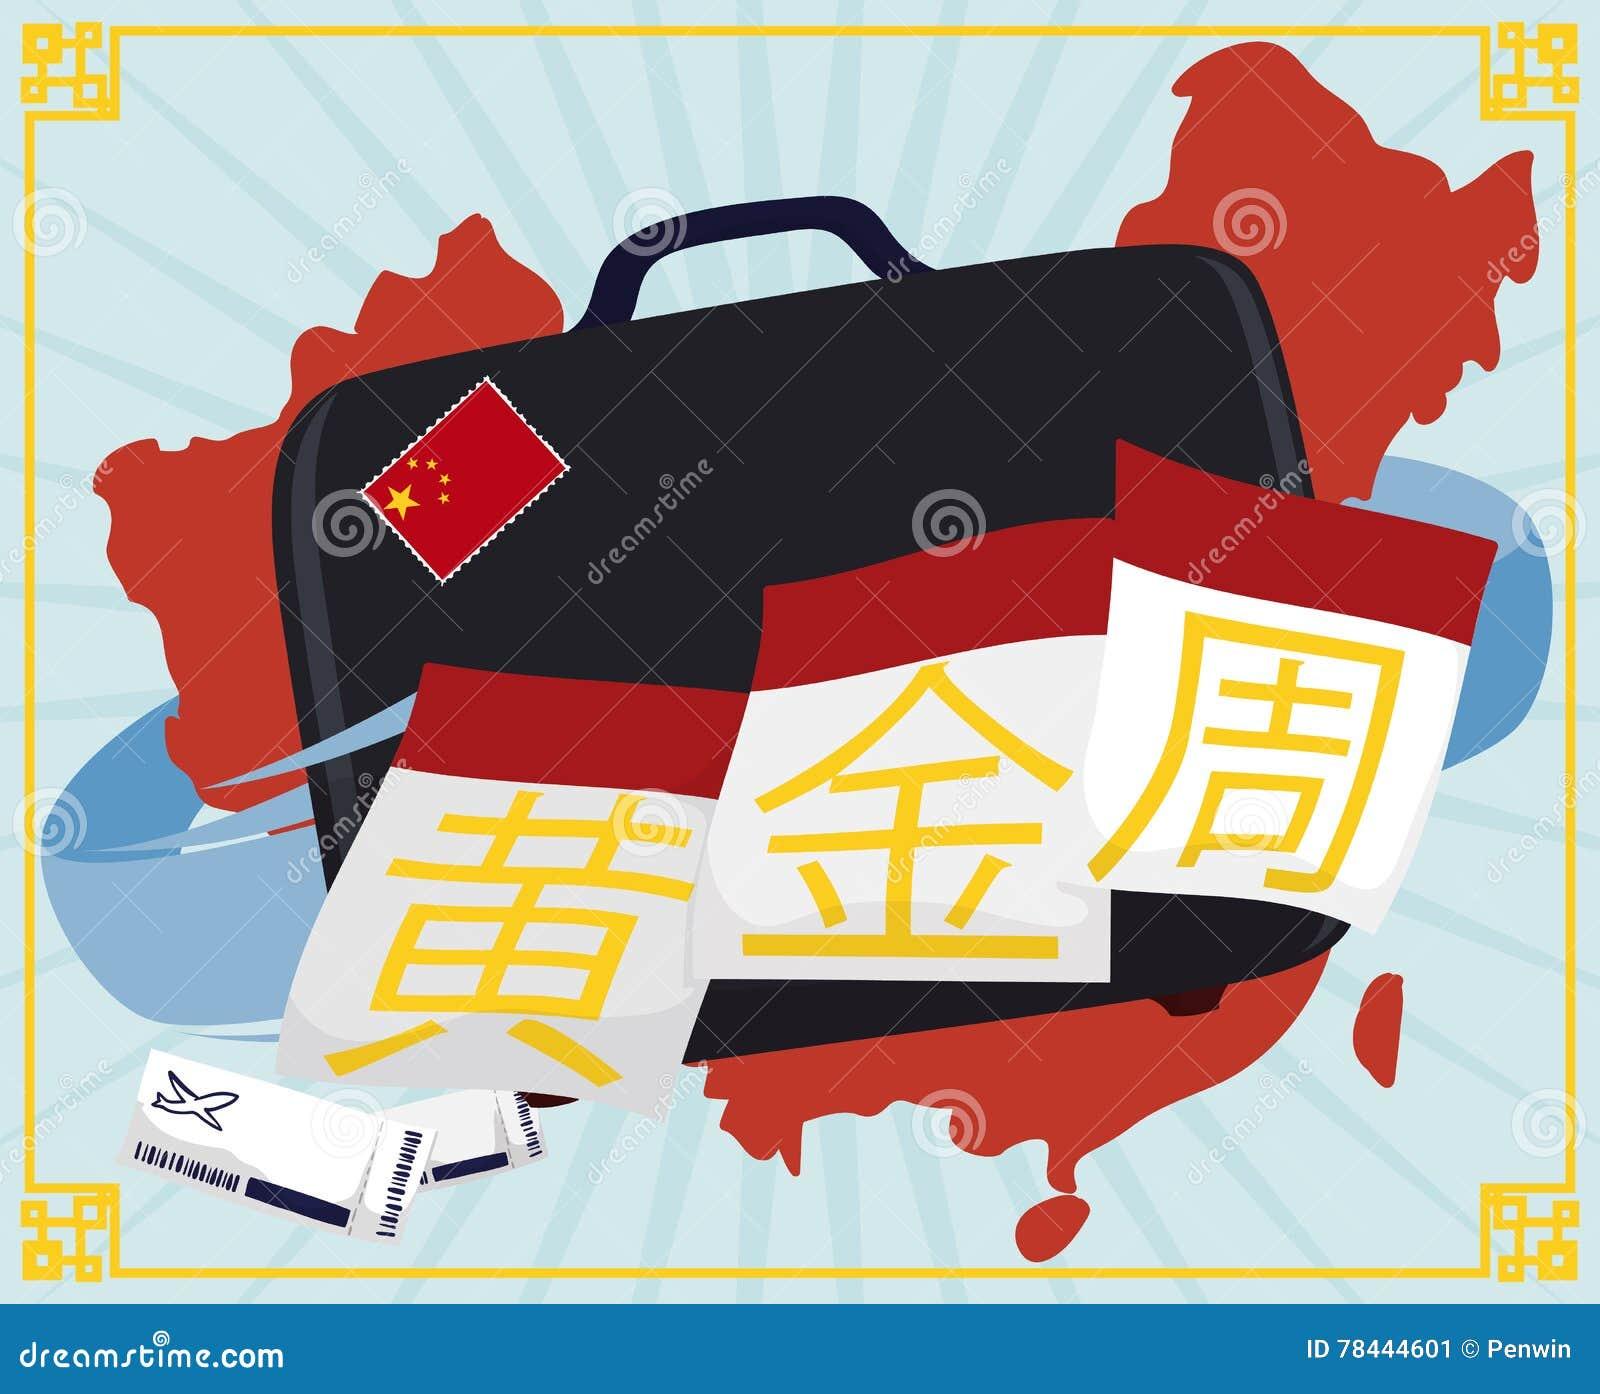 Borsa Calendario.Borsa Dei Viaggiatori Carte Della Mappa Della Cina E Del